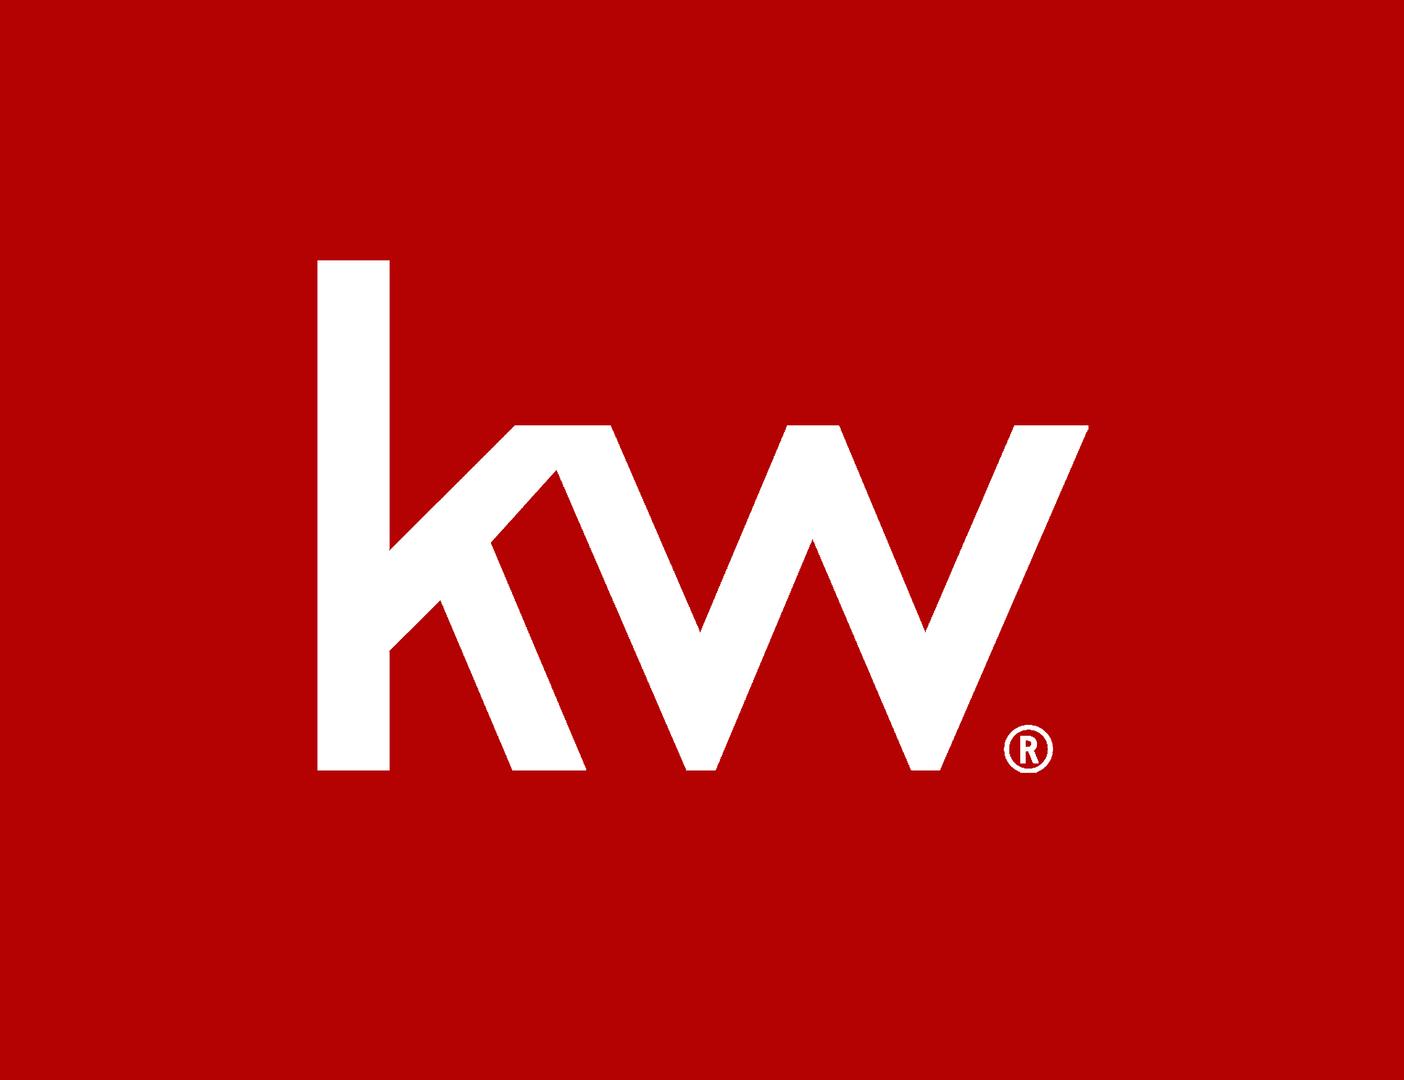 Keller-Williams-Real-Estate-Minimalist-L